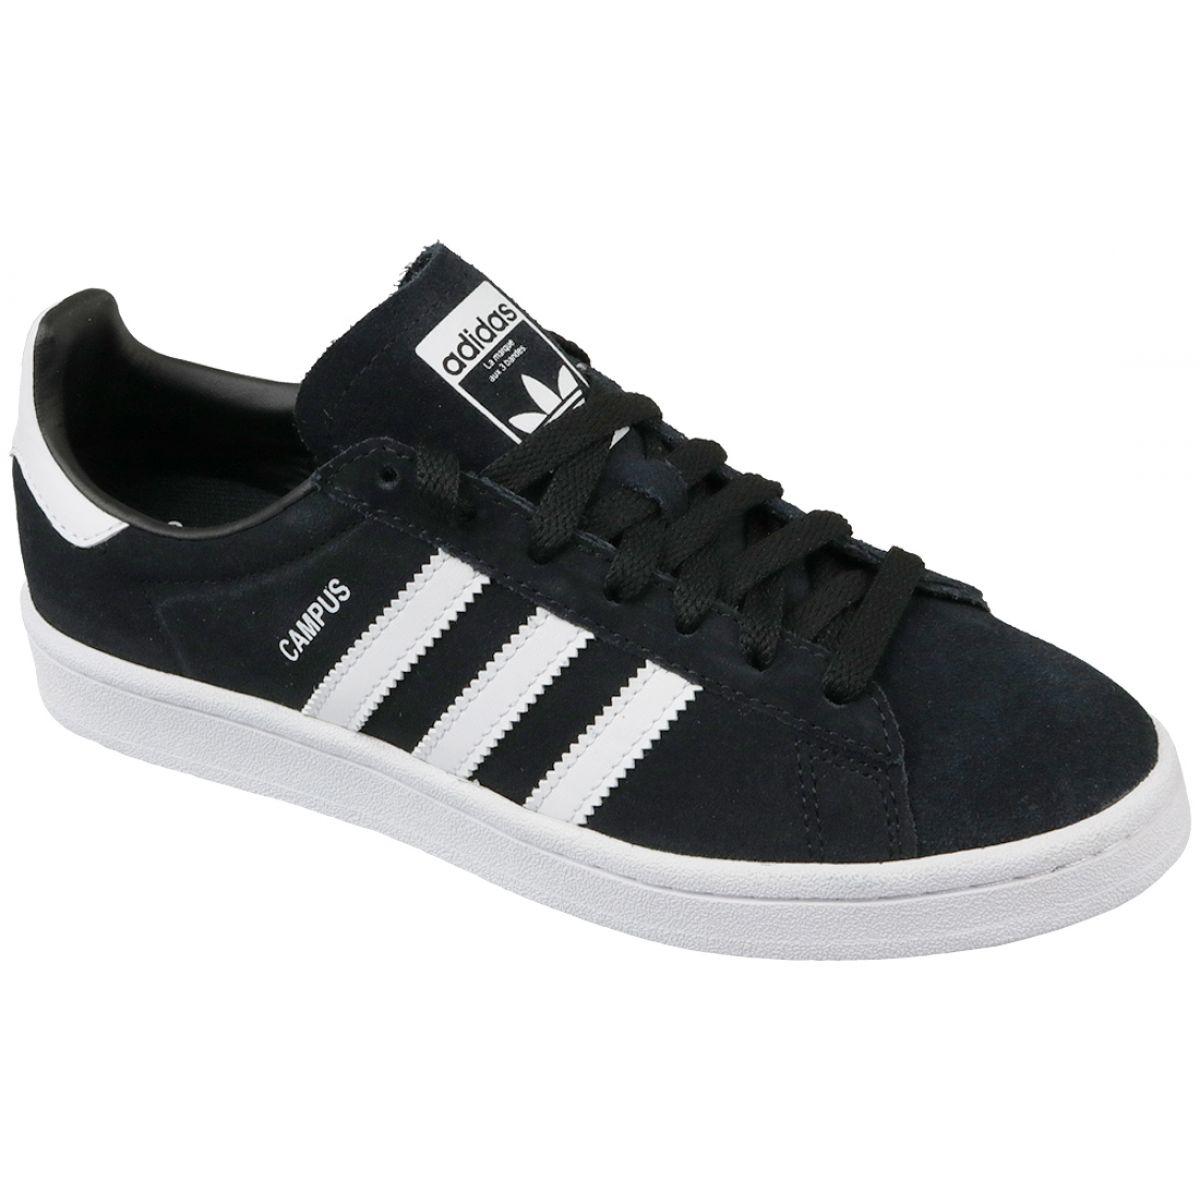 erityinen osa paras tukkumyyjä toinen mahdollisuus Adidas Originals Campus Jr BY9580 shoes black